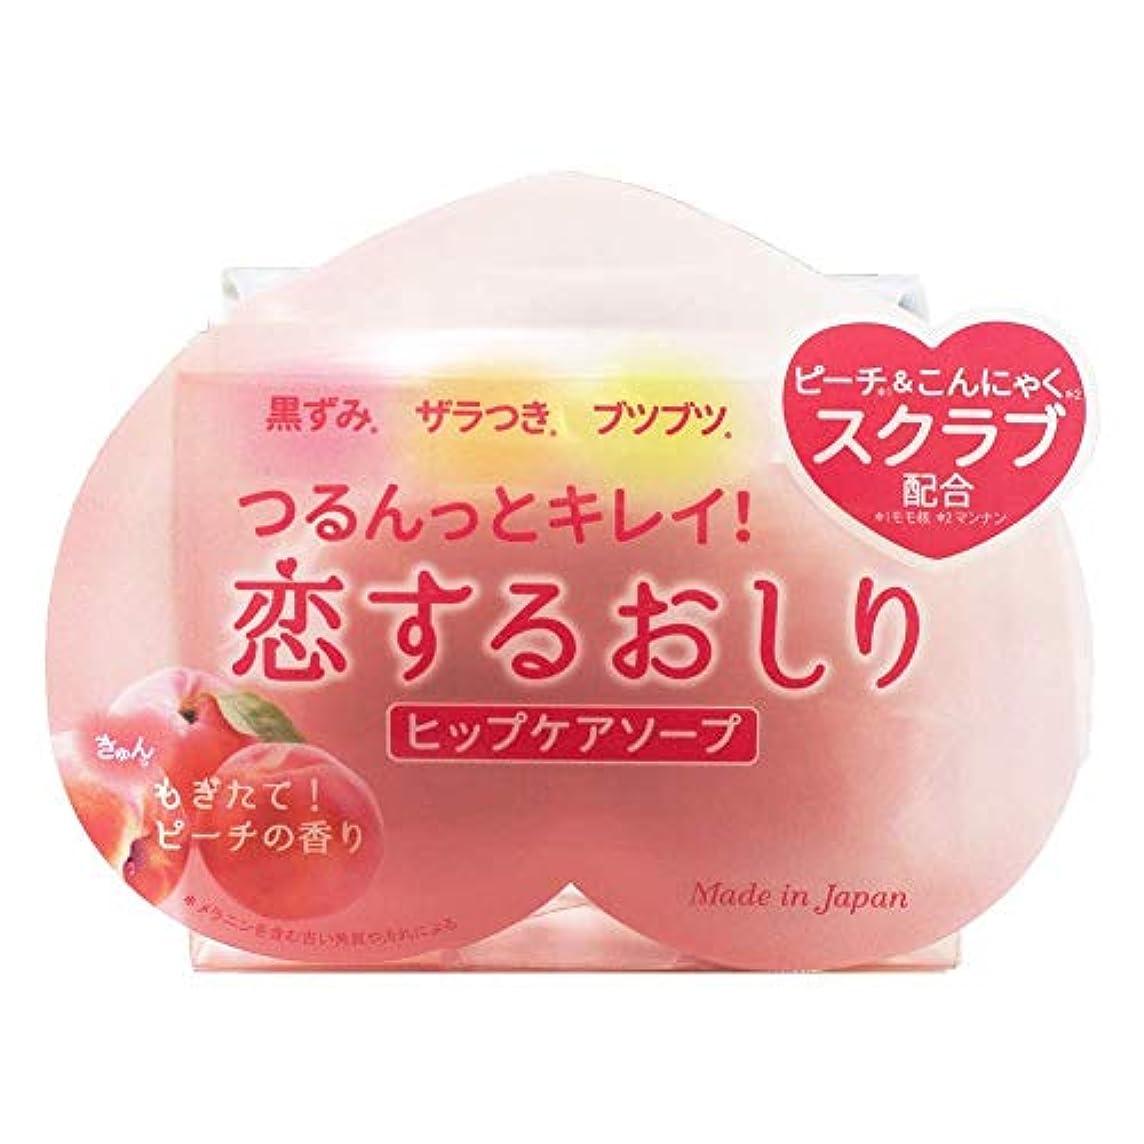 中マウントバンク特性【まとめ買い】ペリカン石鹸 恋するおしり ヒップケアソープ 80g×3個